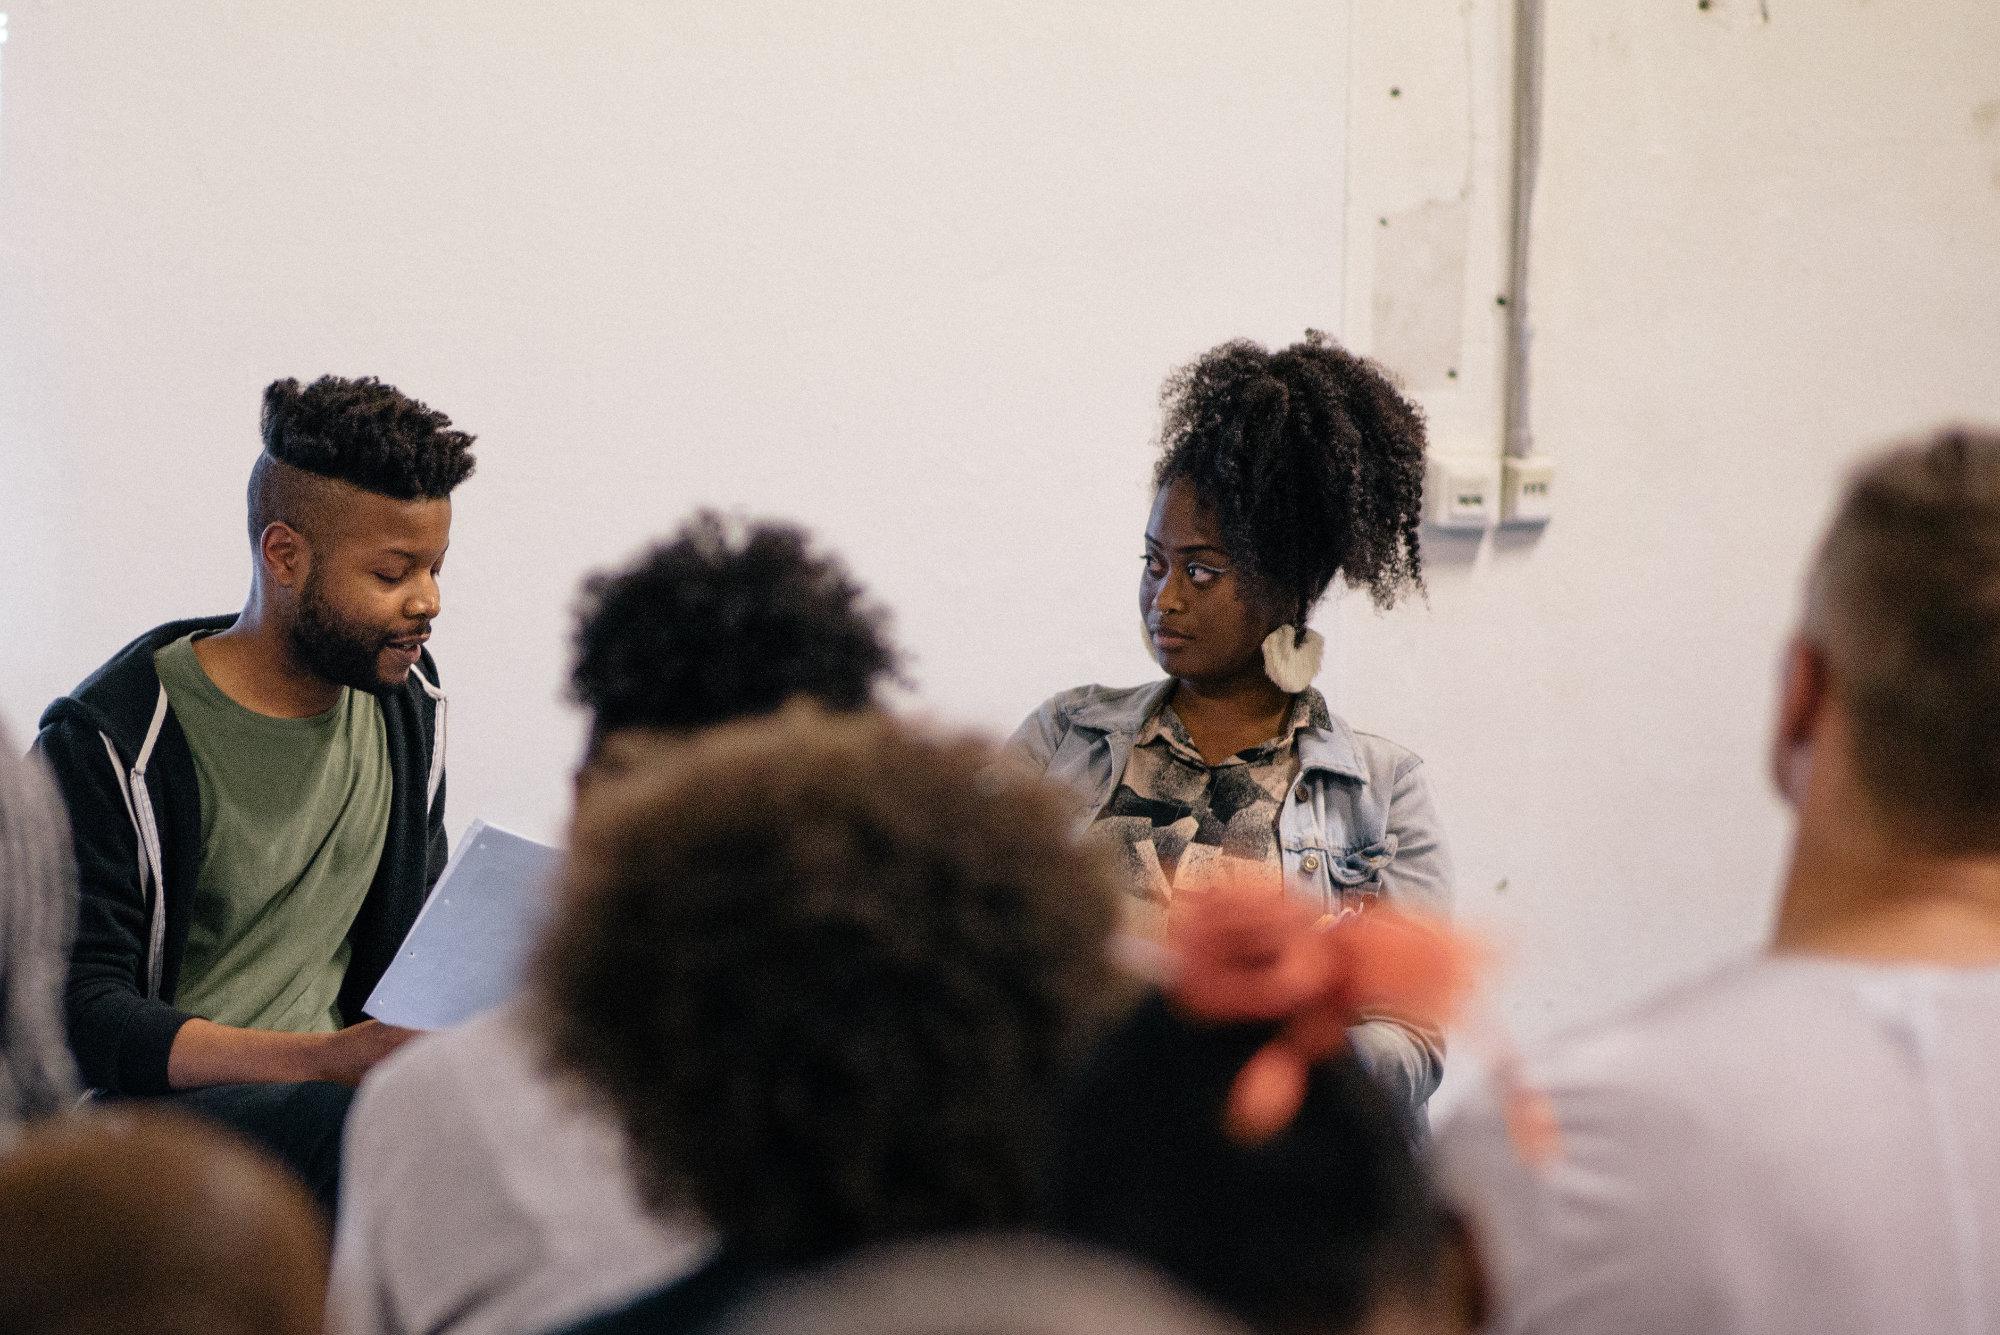 <p><b>How Do We Survive Spaces We Were Never Meant To Enter?<br /> </b><b>Diskussion </b>mit Isaiah Lopaz (Künstler/Autor) und Rachael Moore (Aktivistin/Performerin)</p> <p>Rachael Moore und Isaiah Lopaz diskutierten über die Herausforderungen und Erfahrungen, denen People of Color (POC) bei der Arbeit für Kunst- und Kulturinstitutionen gegenüberstehen: unethische Arbeitsbedingungen, Tokenismus, rassistische Vorurteile und die signifikante Abwesenheit von POC im Publikum und in der Verwaltung von öffentlichen und privaten Institutionen.</p>